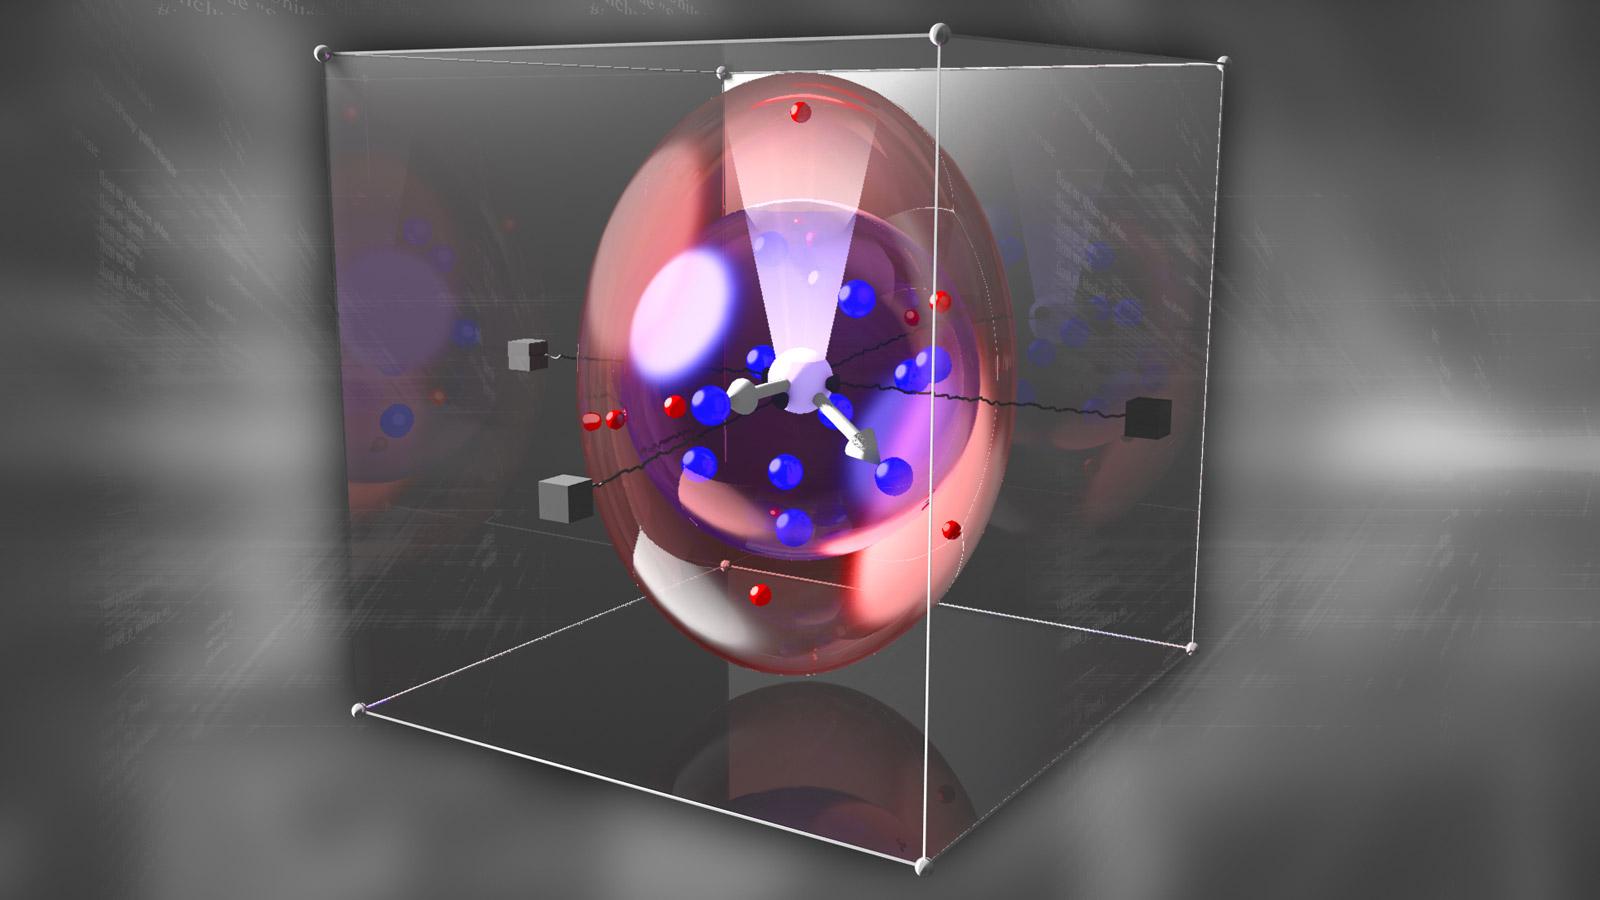 Une représentation d'un logiciel conçu pour s'adapter aux changements  d'un écosystème informatique opérationnel (Image : DARPA).